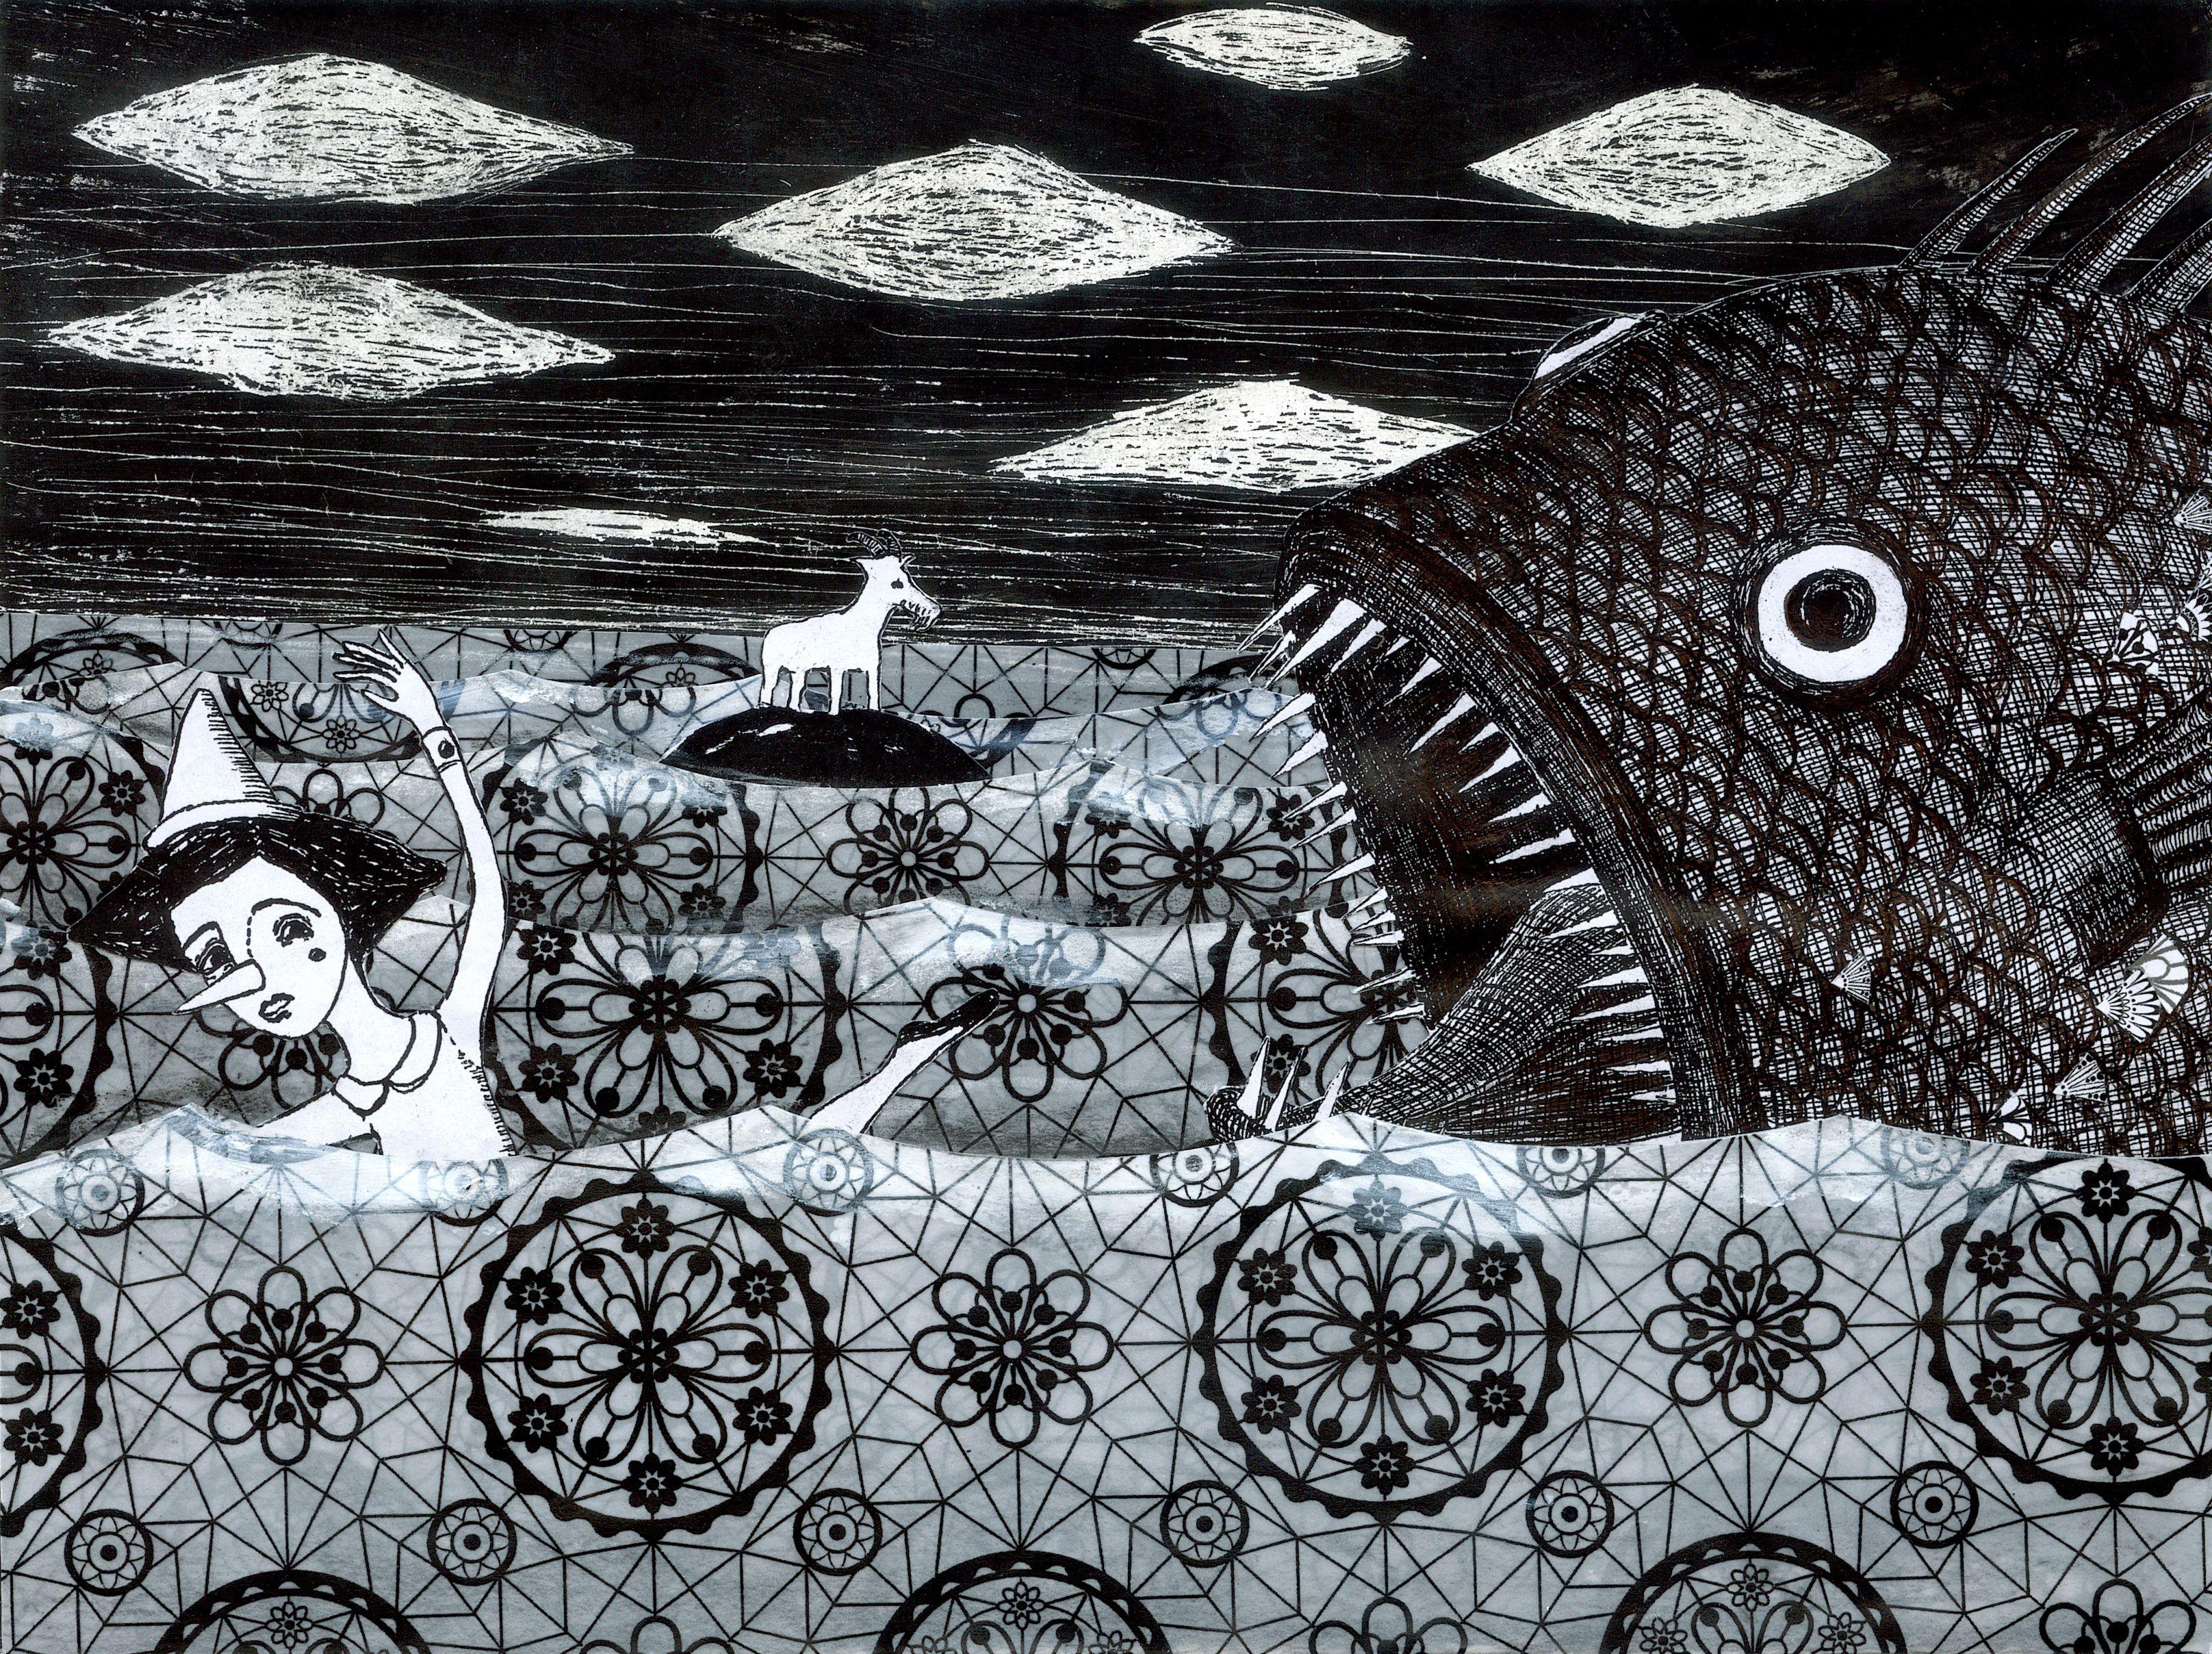 Pinocchio_Il terribile pescecane  2008